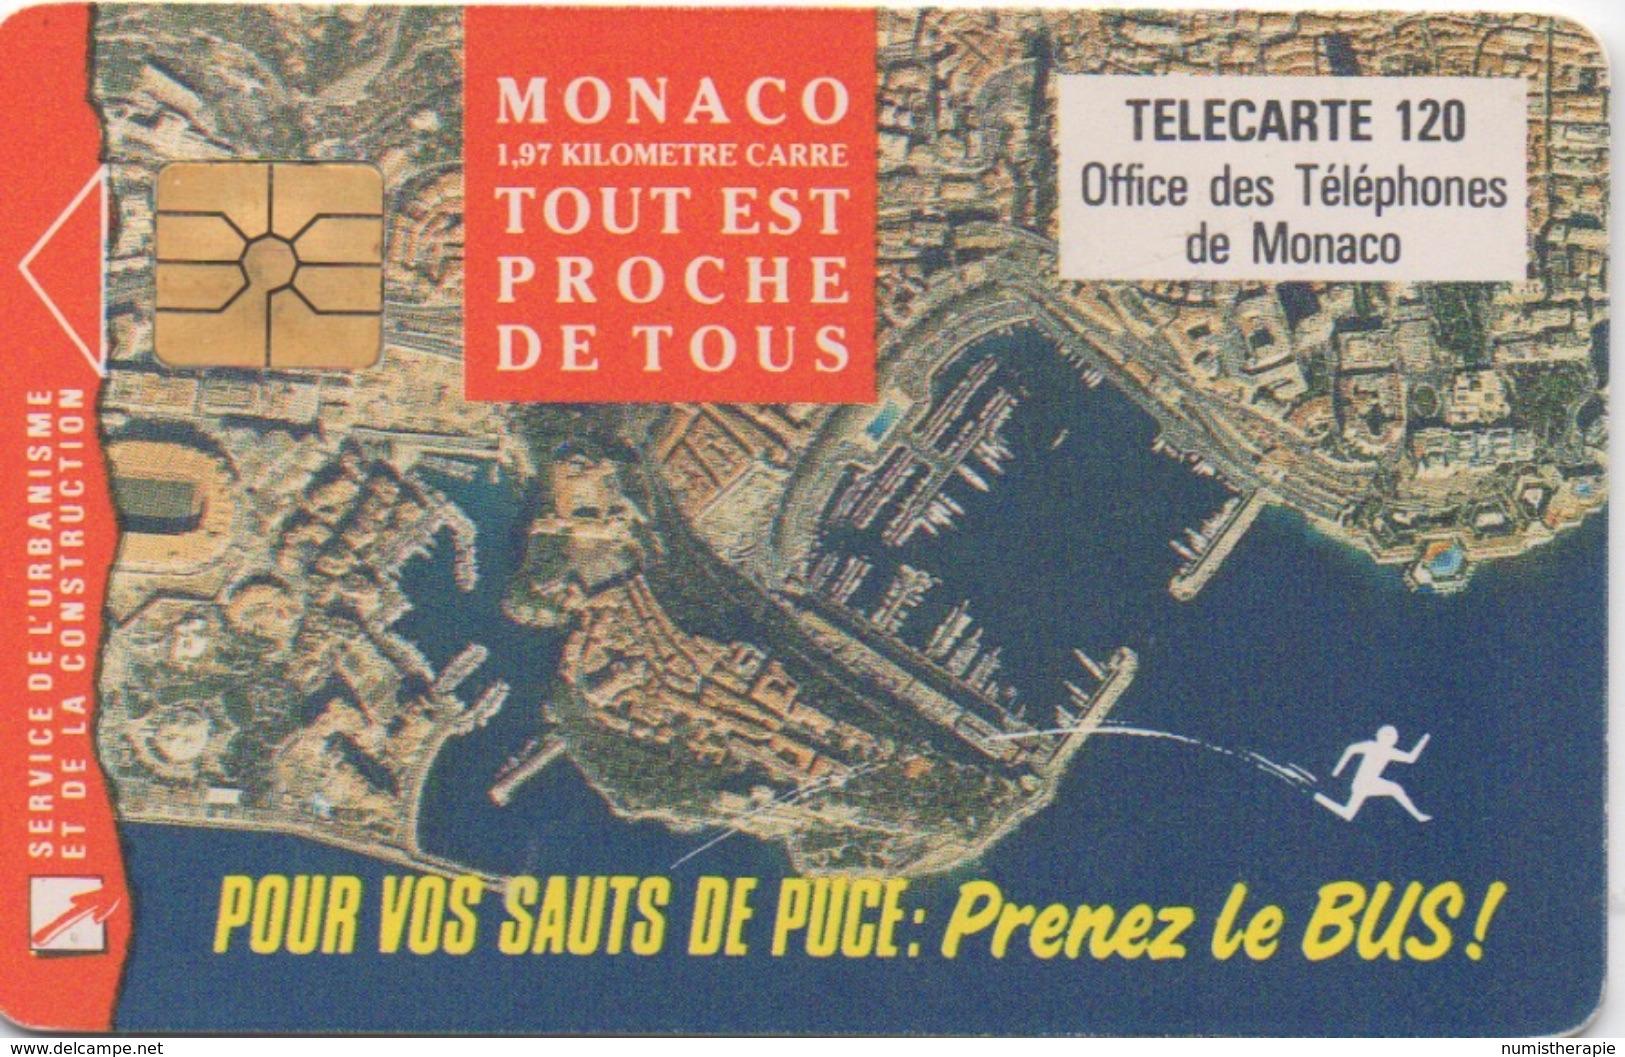 Monaco : 1,97 Kilomètre Carré - Tout Est Proche De Tous 1993 - Monaco